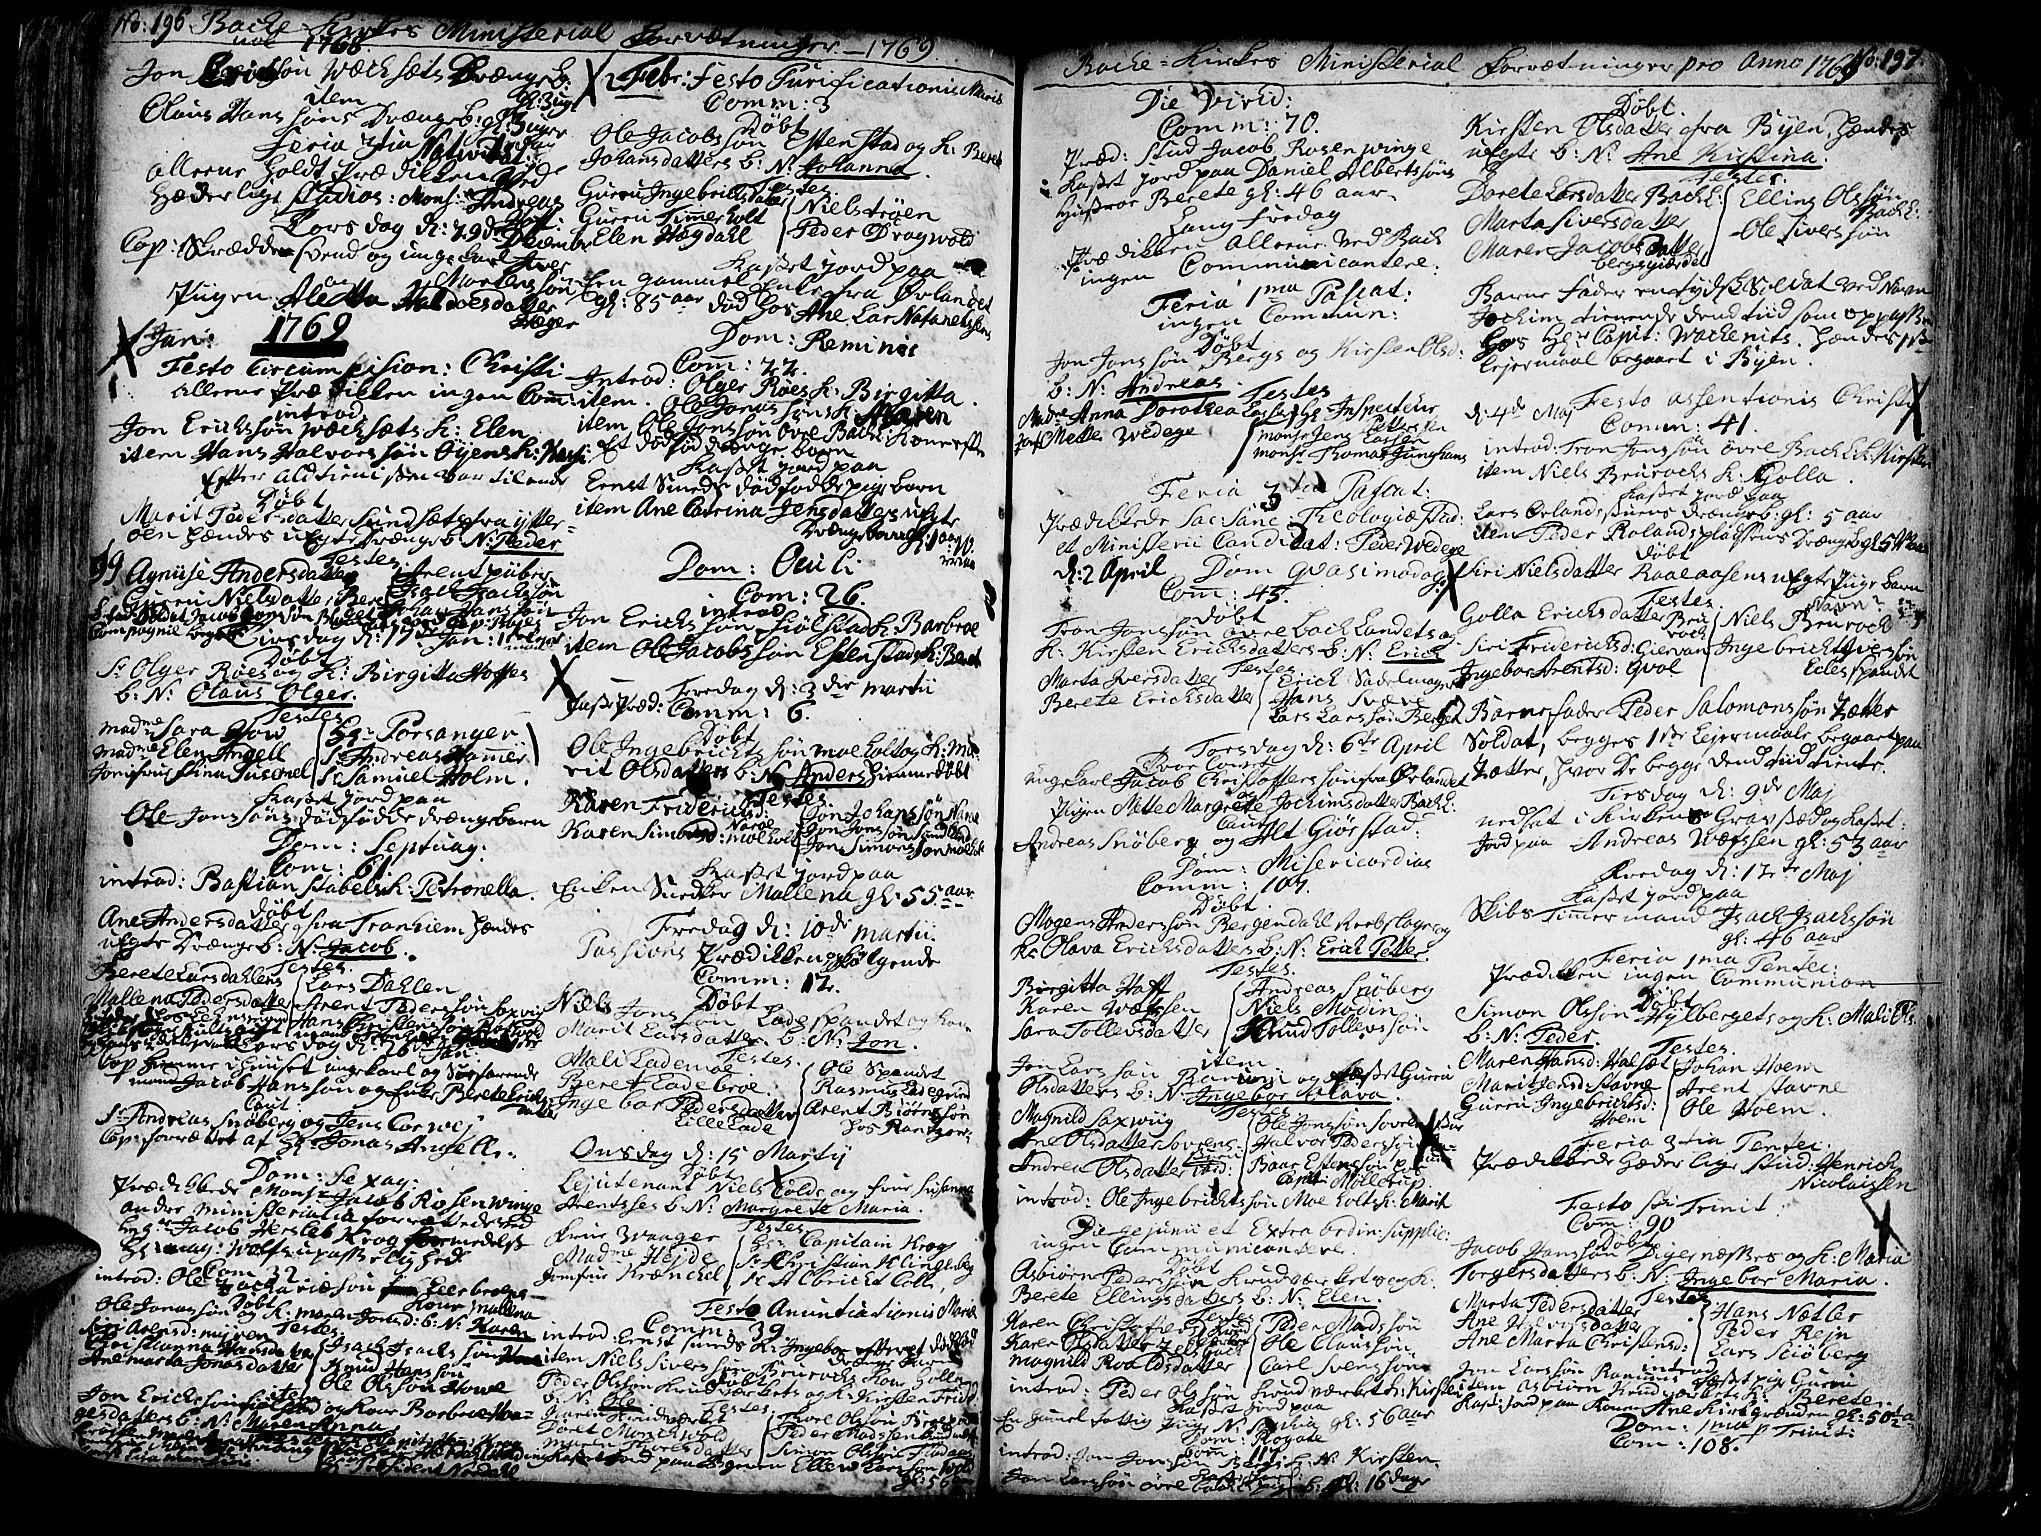 SAT, Ministerialprotokoller, klokkerbøker og fødselsregistre - Sør-Trøndelag, 606/L0276: Ministerialbok nr. 606A01 /2, 1727-1779, s. 196-197